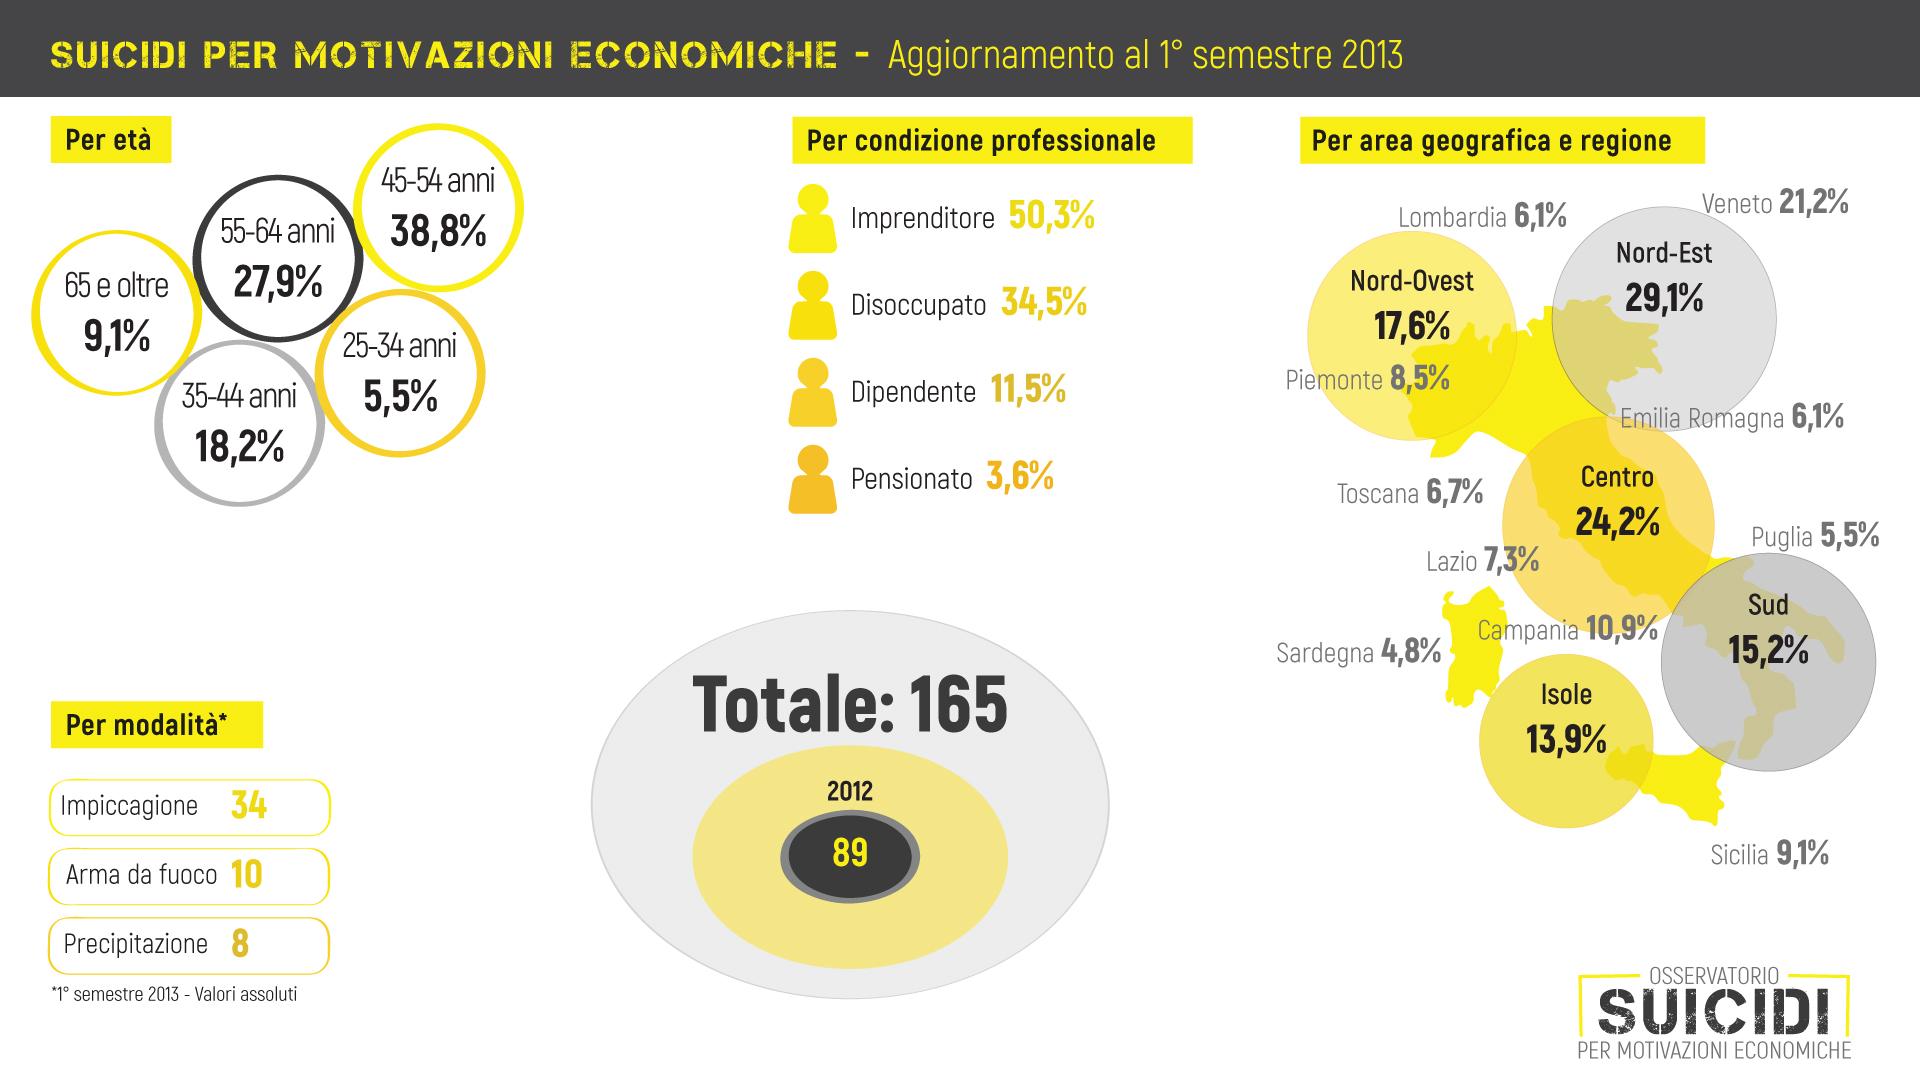 Aggiornamento-1-semestre-2013